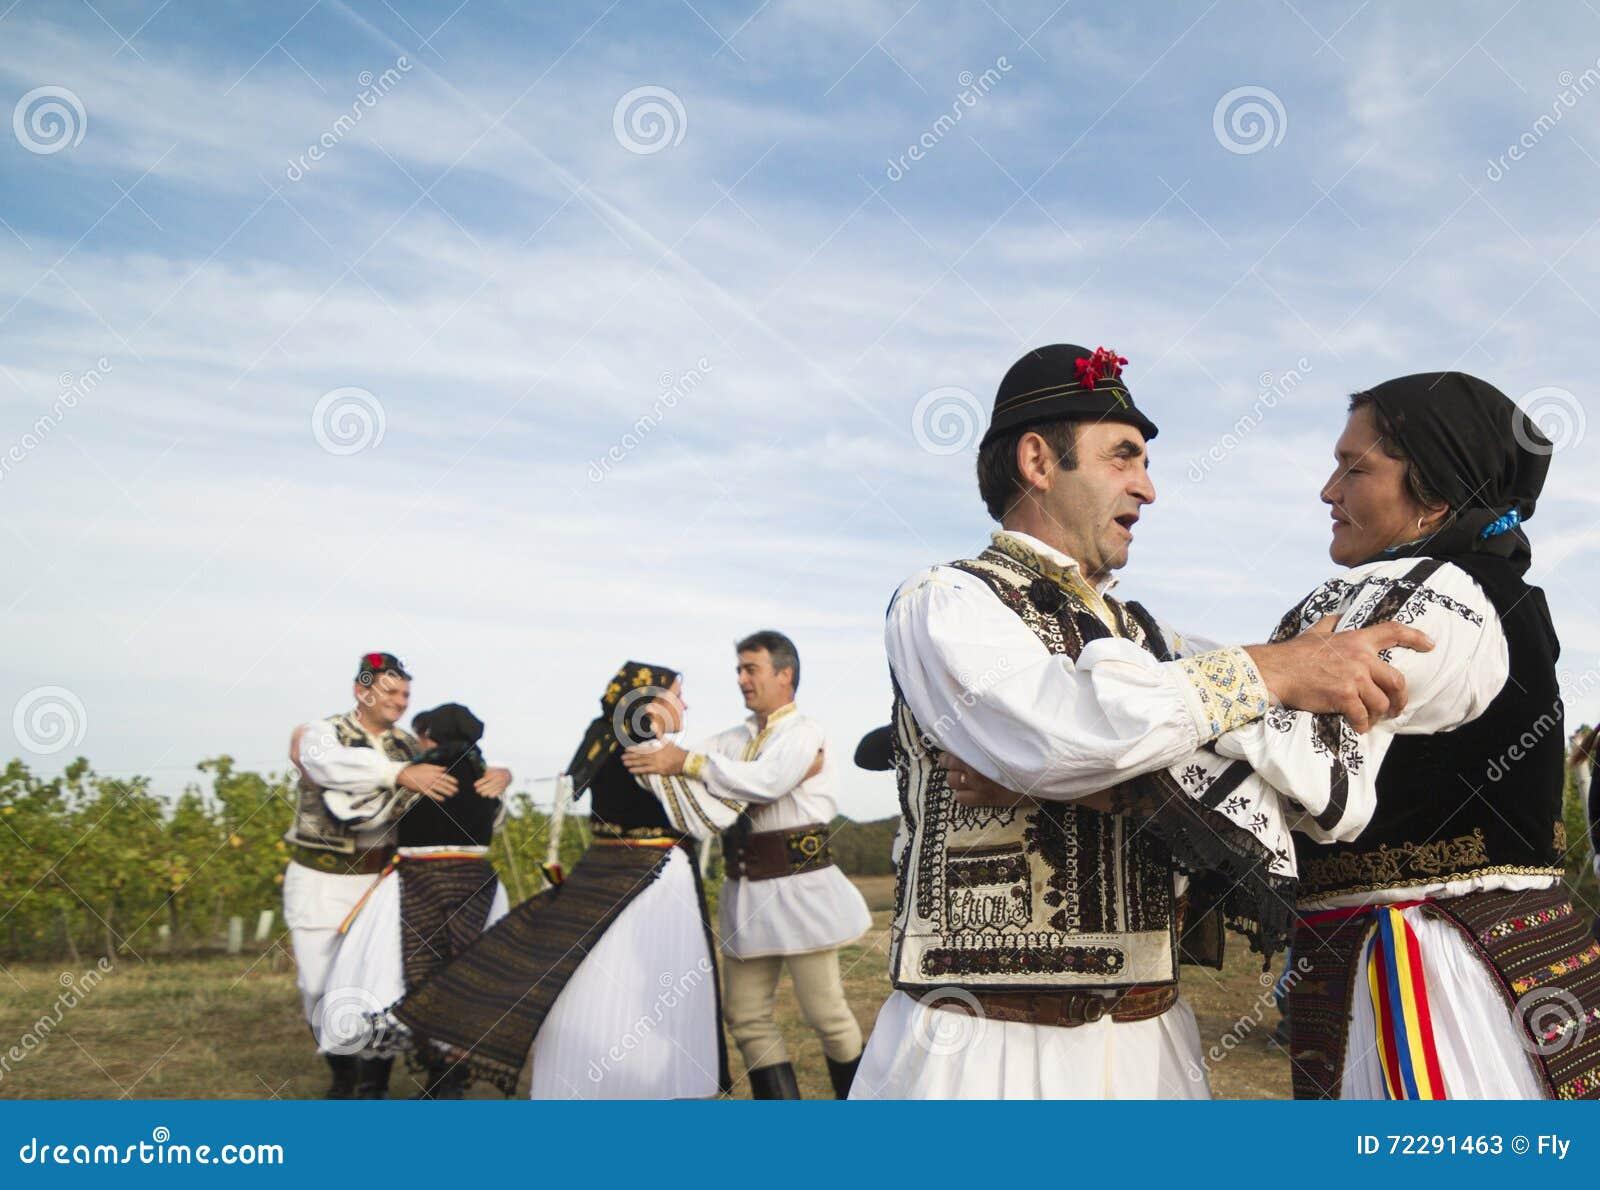 Download Люди танцуя на традиционном винограднике Jidvei жмут справедливо Редакционное Стоковое Фото - изображение насчитывающей танцулька, costume: 72291463